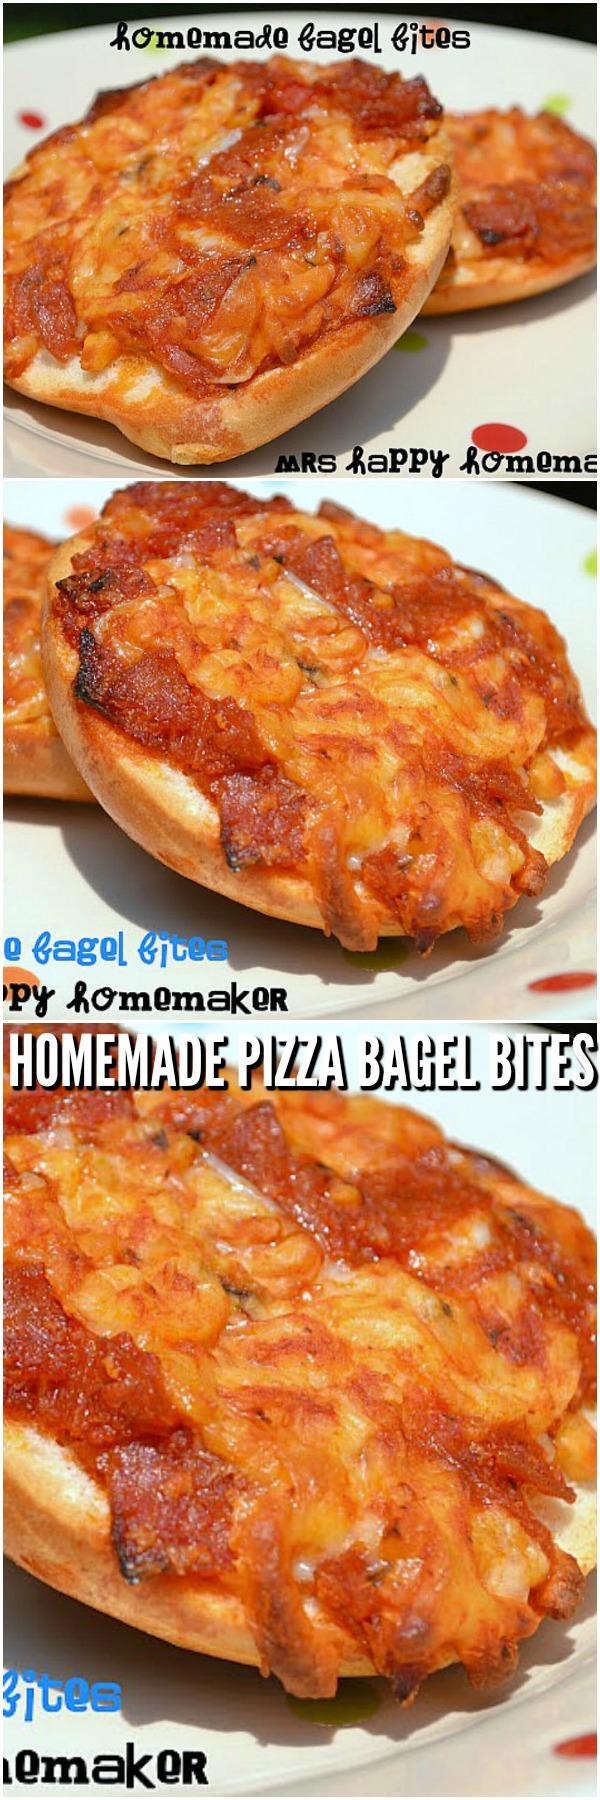 Homemade Pizza Bagel Bites | MrsHappyHomemaker.com @MrsHappyHomemaker #homemadepizzabagelbites #pizza #homemadebagelbites #freezercooking #freezermeals #mealprep